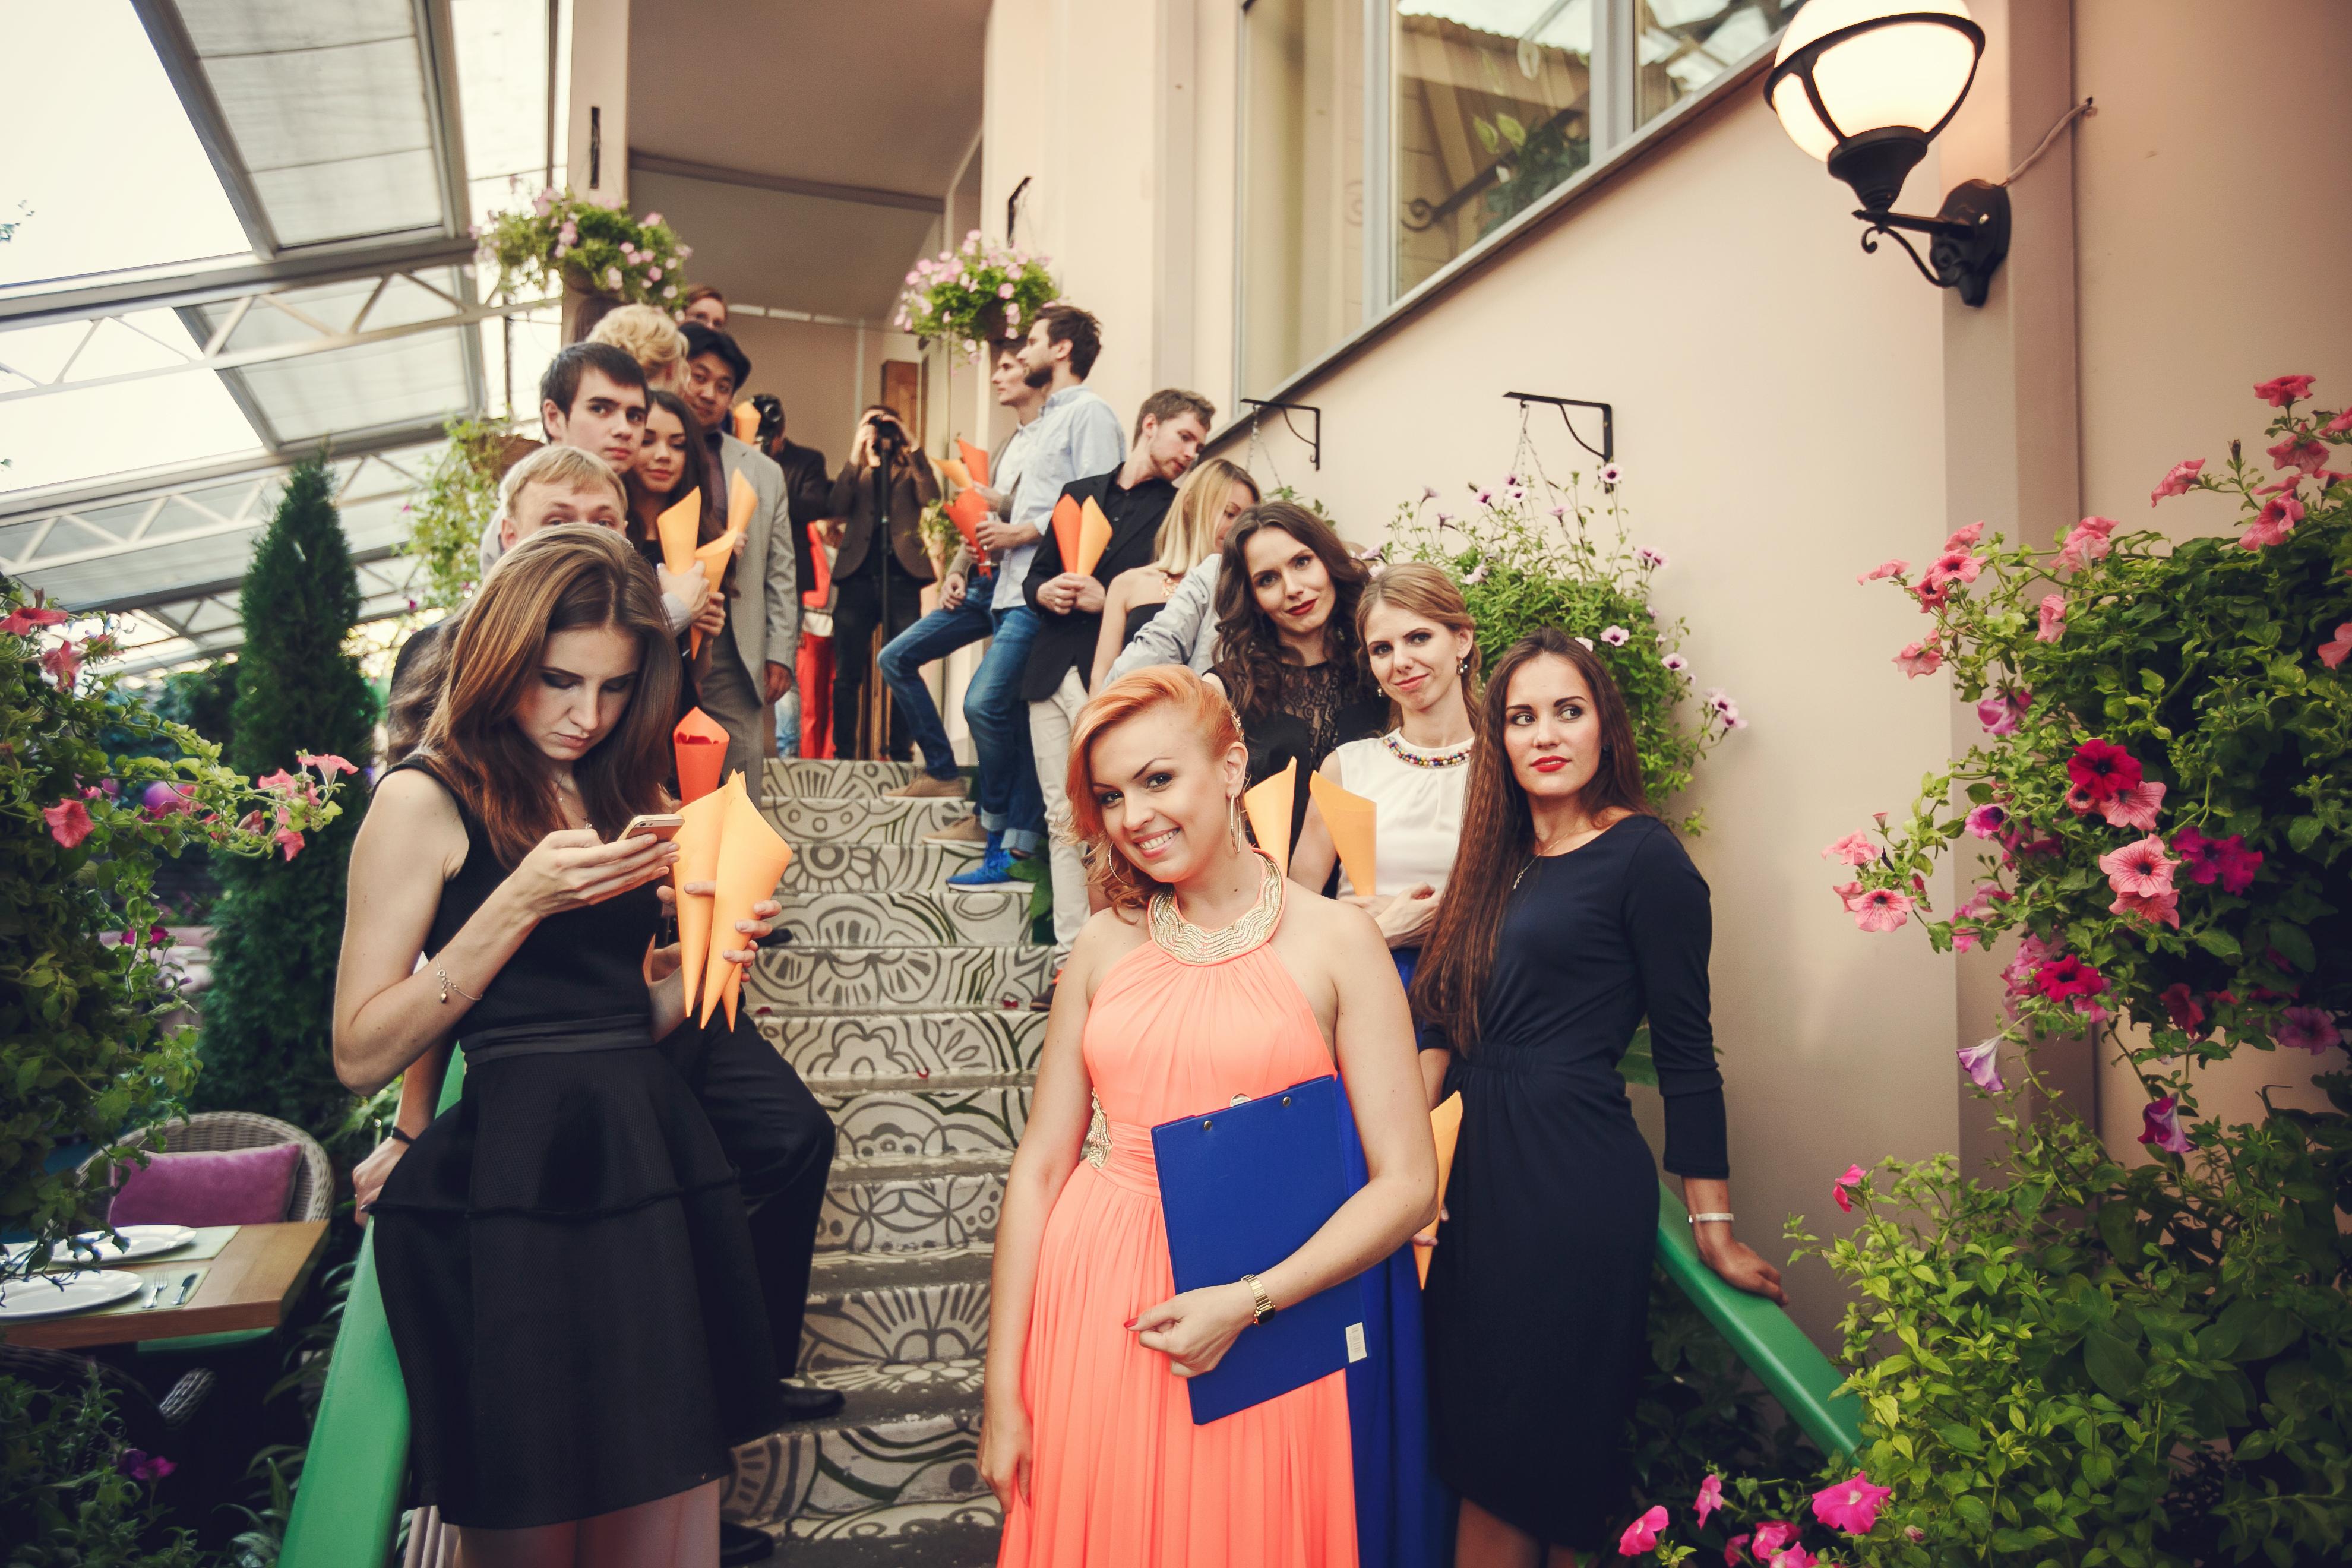 Фото 1 свадьба в Москве в оранжевом цвете | ведущая свадьбы - Катрин Моро